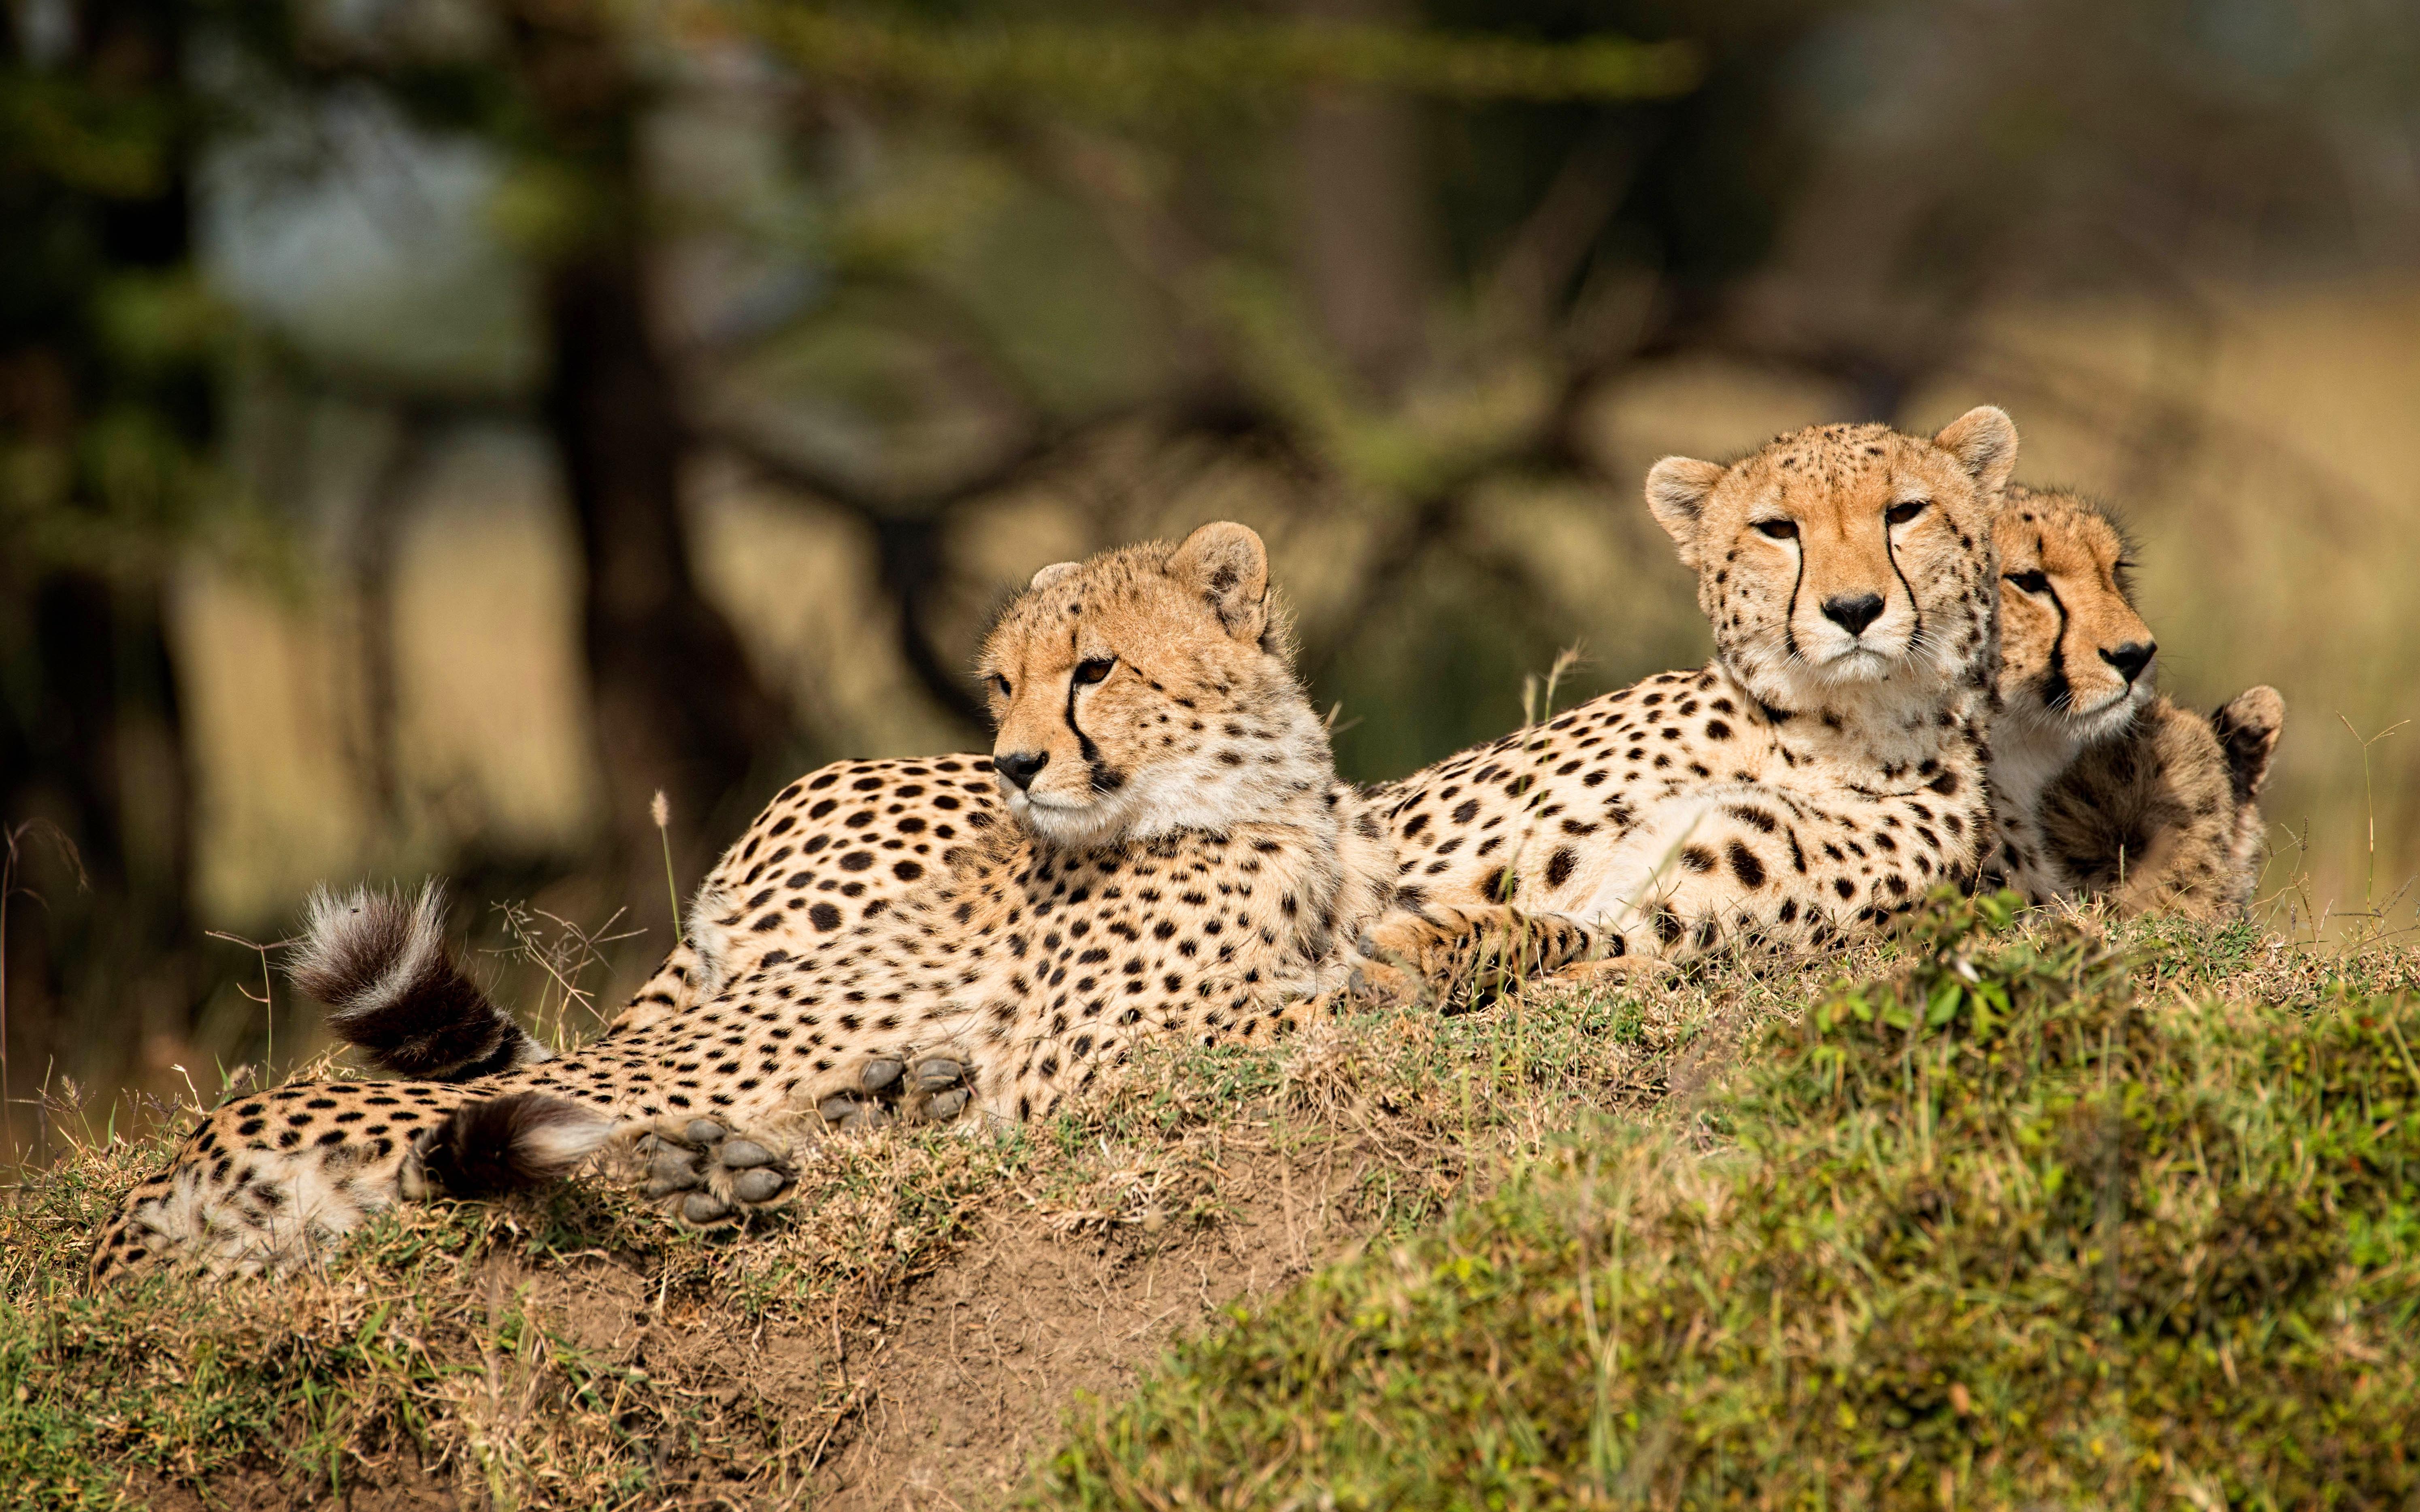 Фотографии Леопарды втроем животное 5977x3735 леопард три Трое 3 Животные